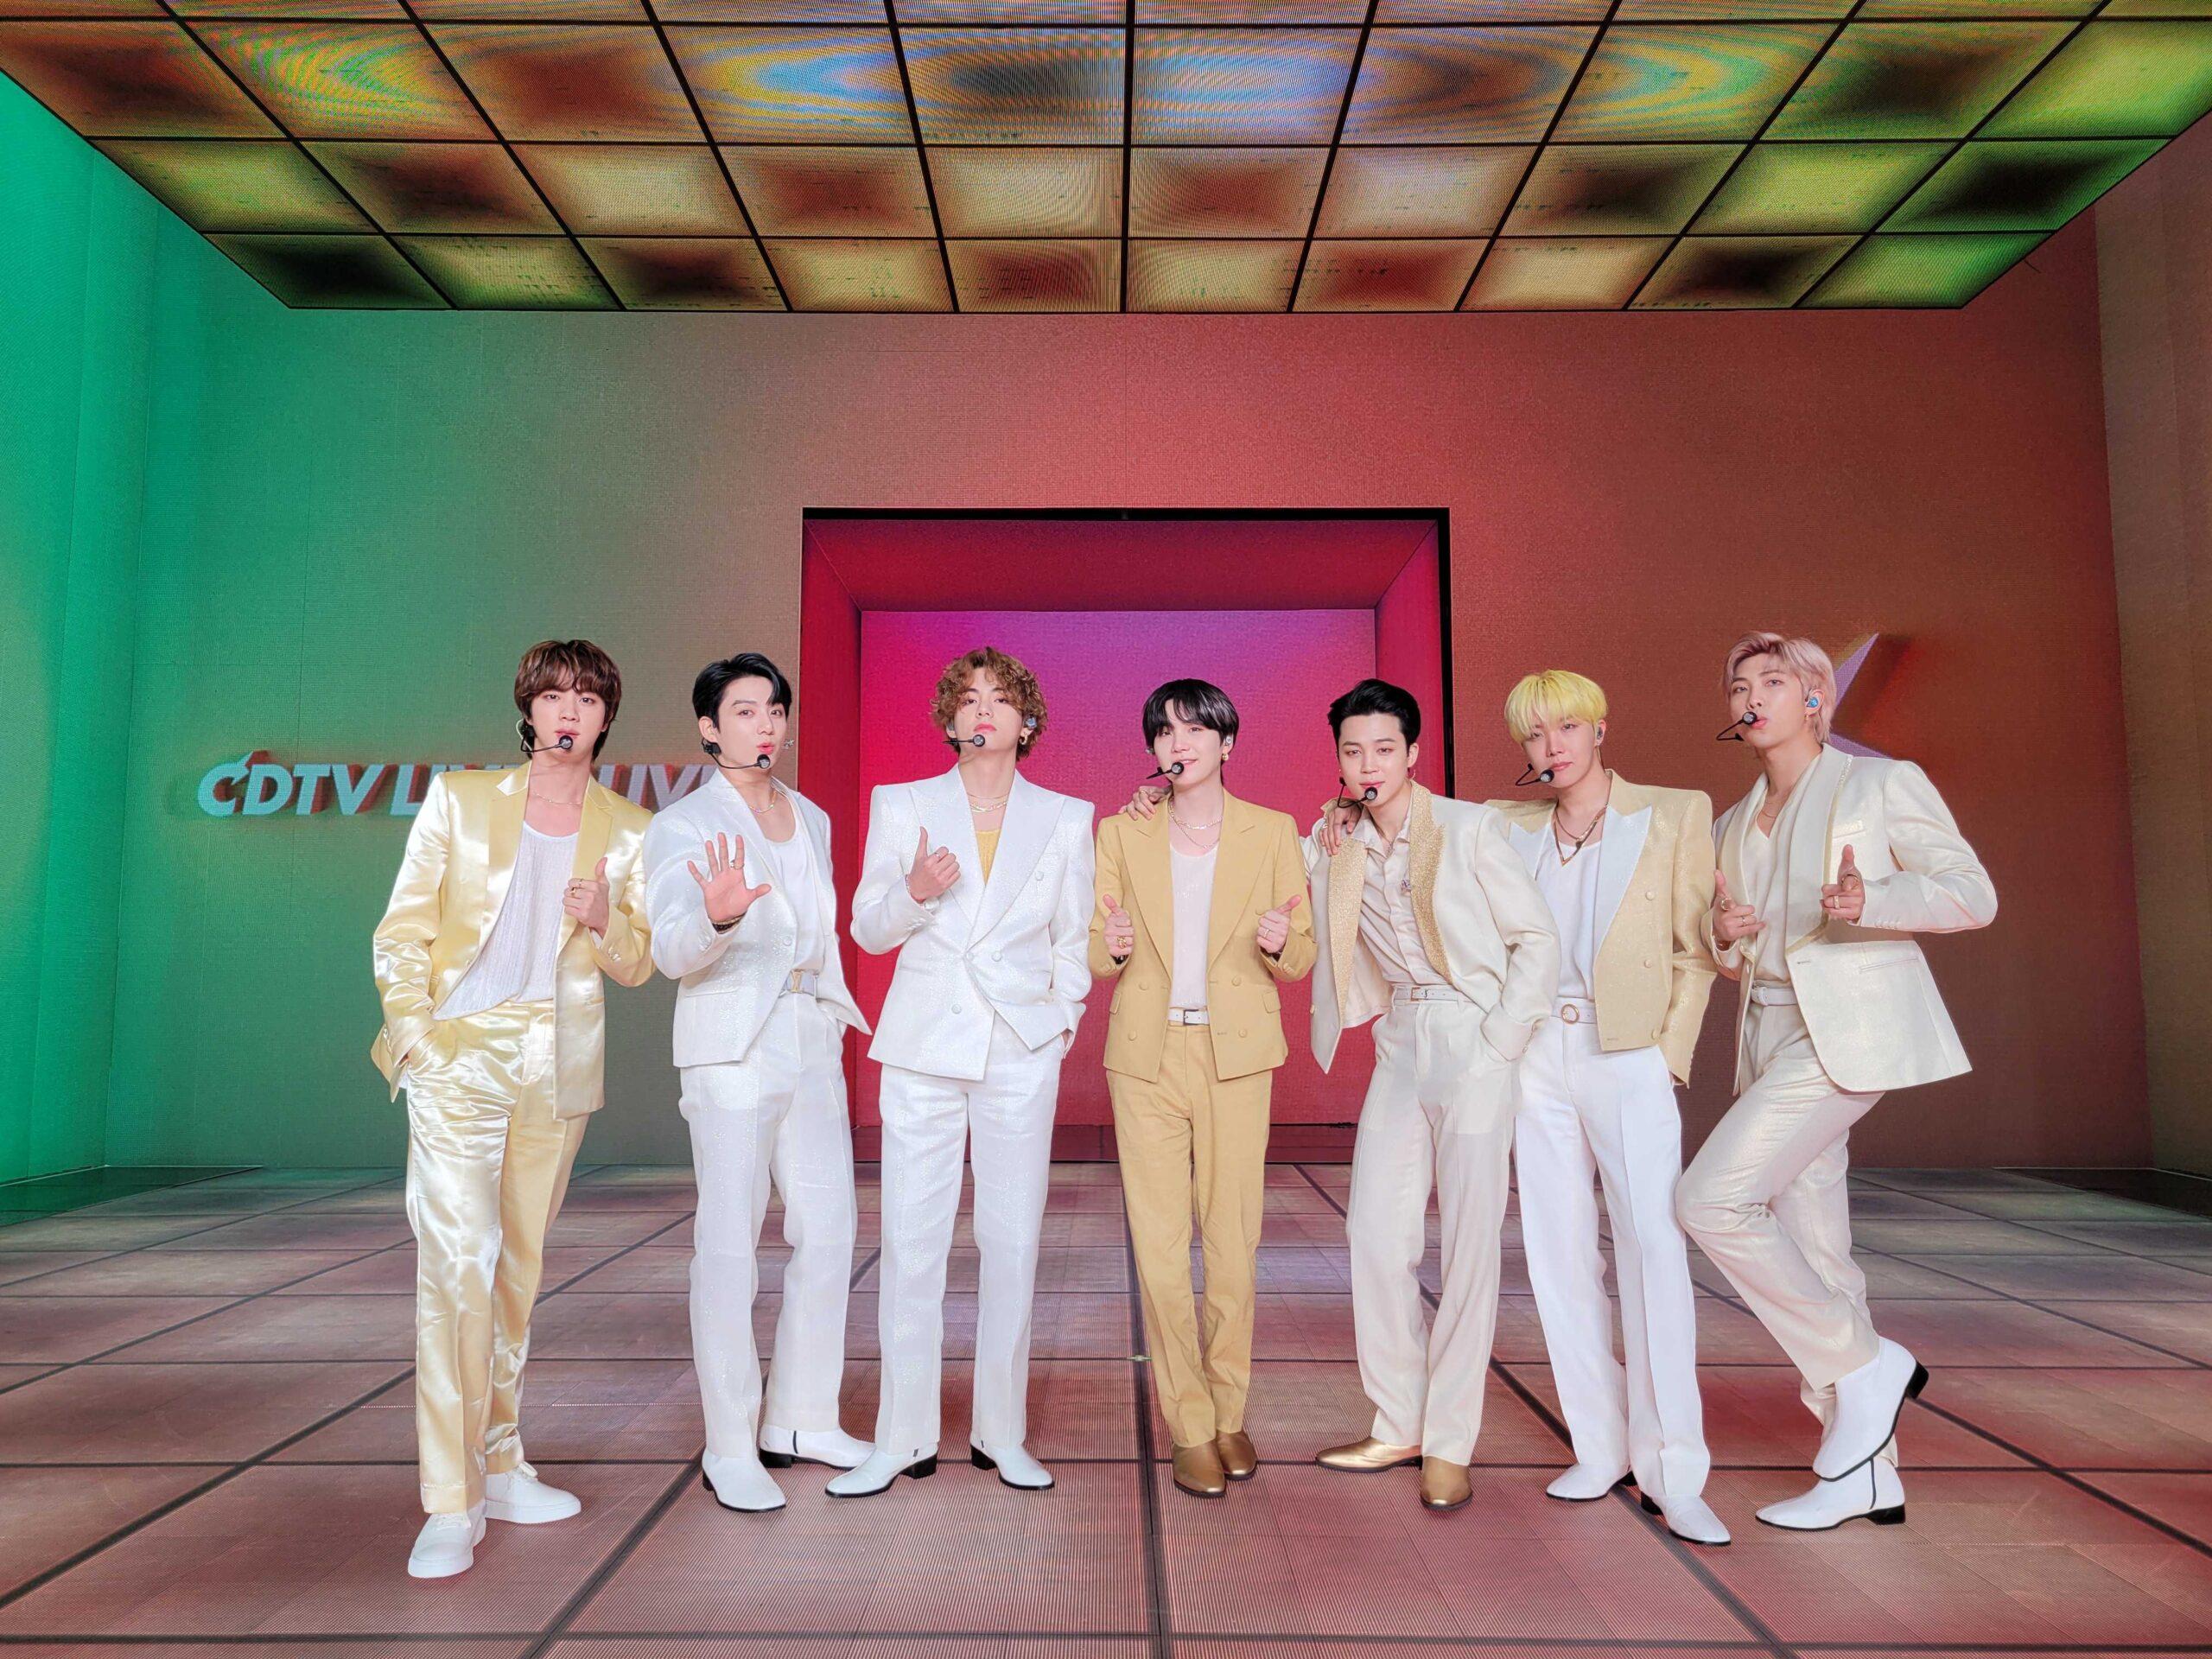 BTSは兵役免除されるべき!と韓国音楽コンテンツ協会が主張